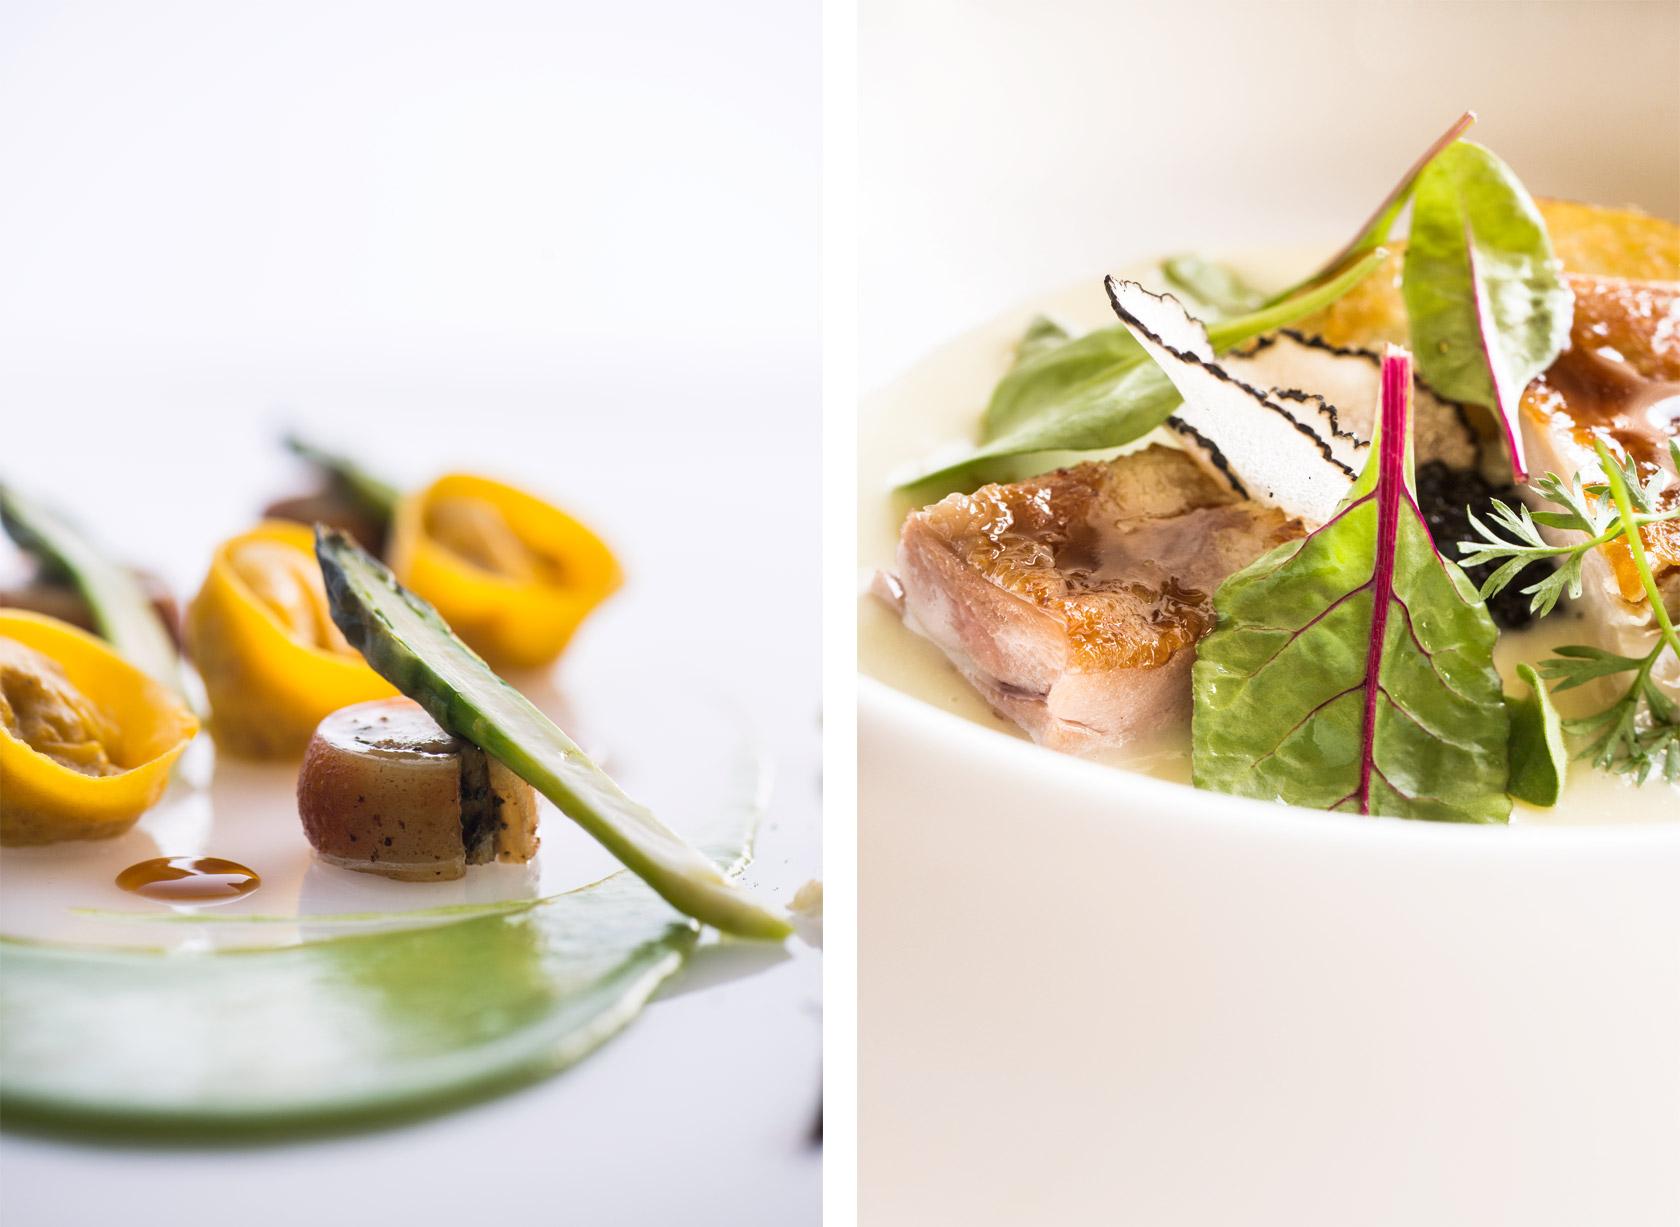 arnolfo-ristorante-details-gaetano-trovato-chef